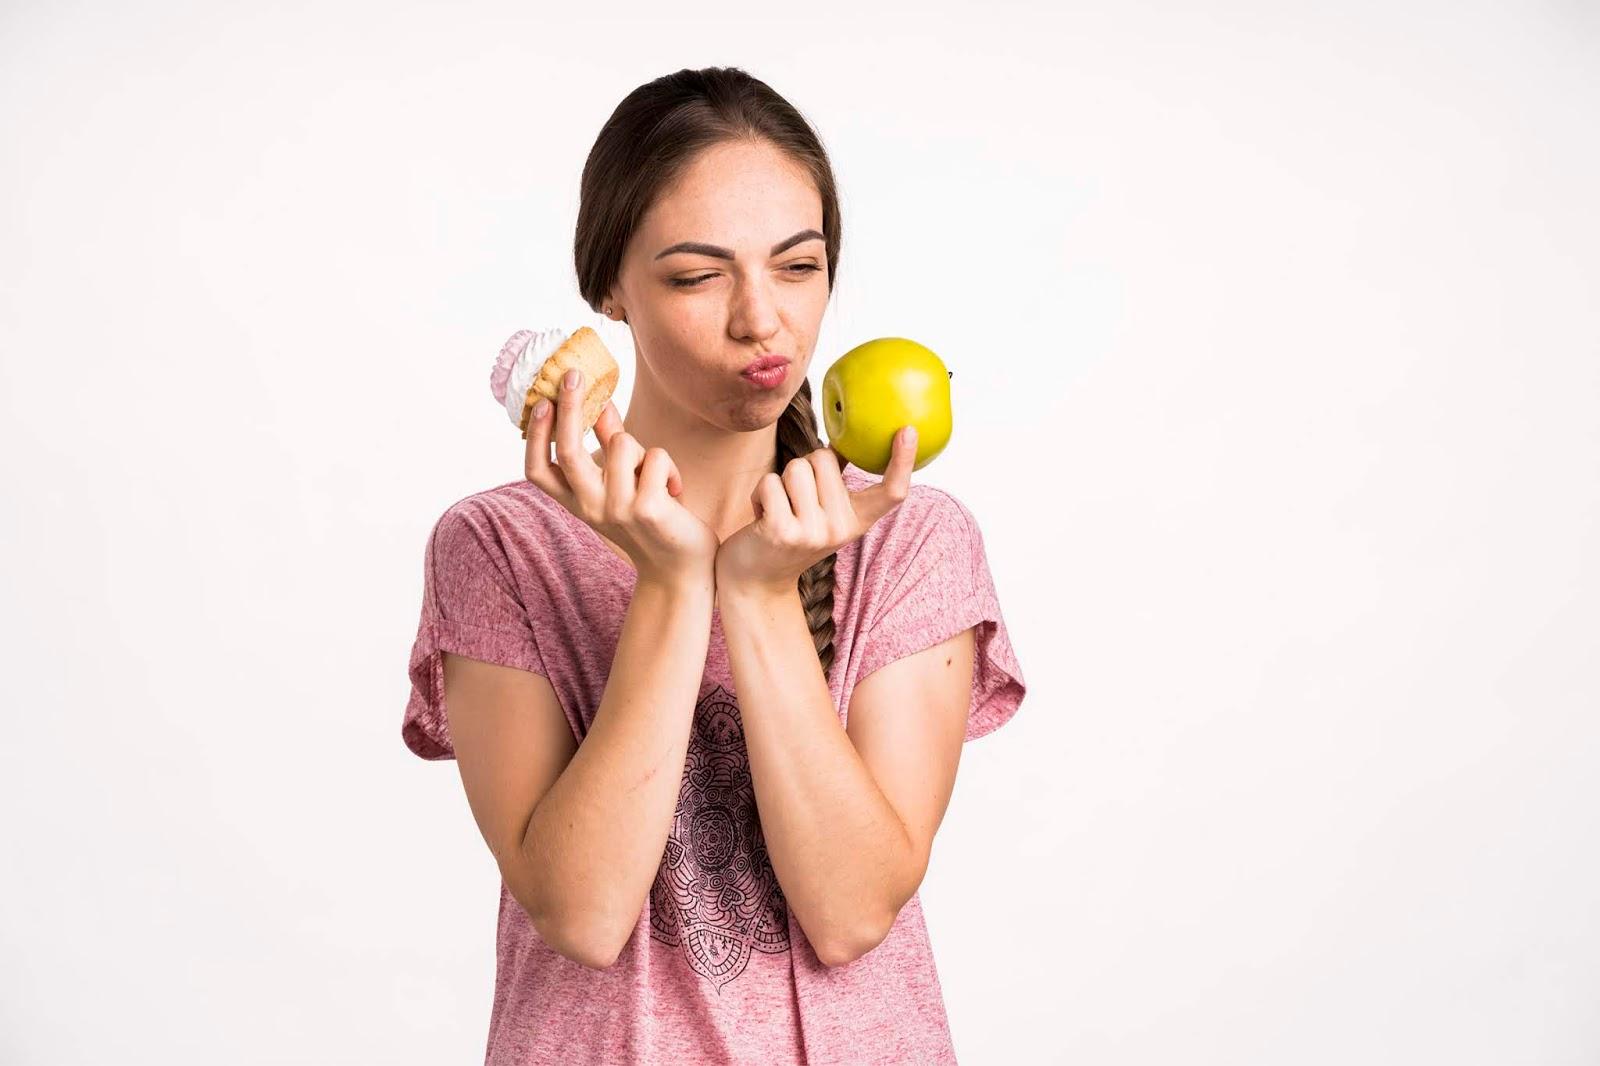 Dieta%2Bde%2BAtkins - A Dieta de Atkins: Tudo Que Você Precisa Saber